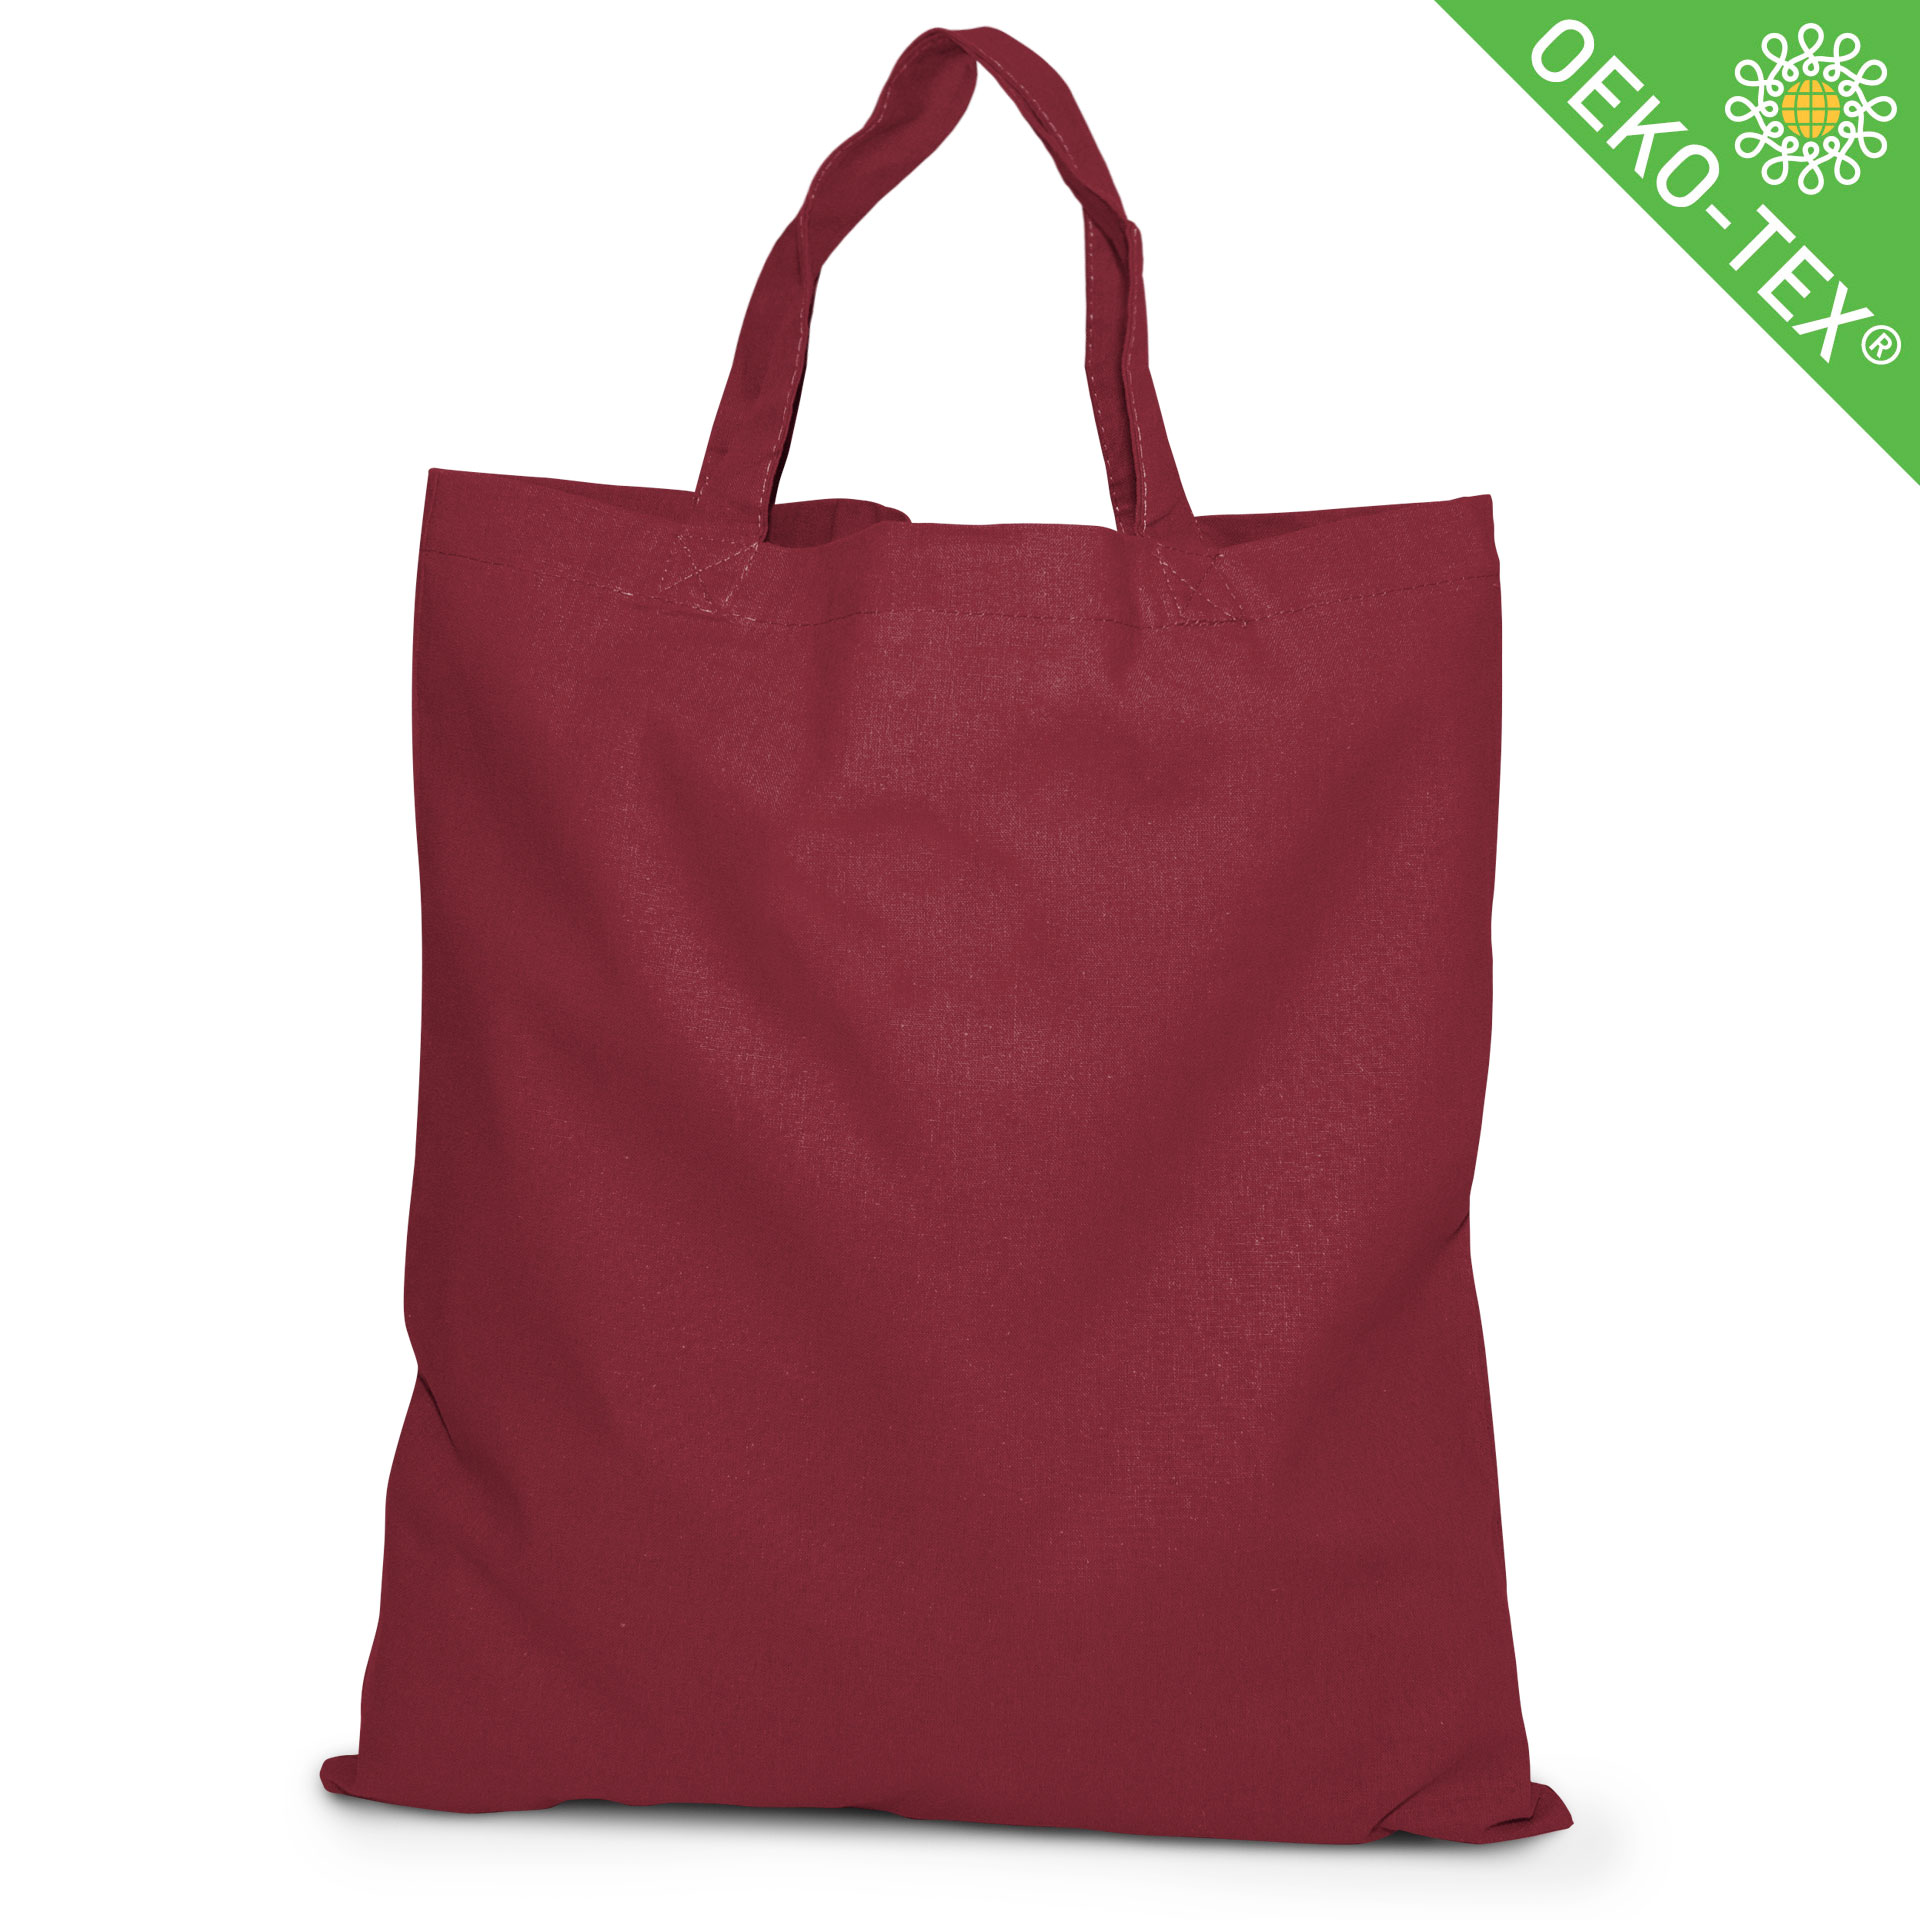 20 Kapstadt Baumwolltasche mit kurzen Henkeln, Farbe: bordeaux